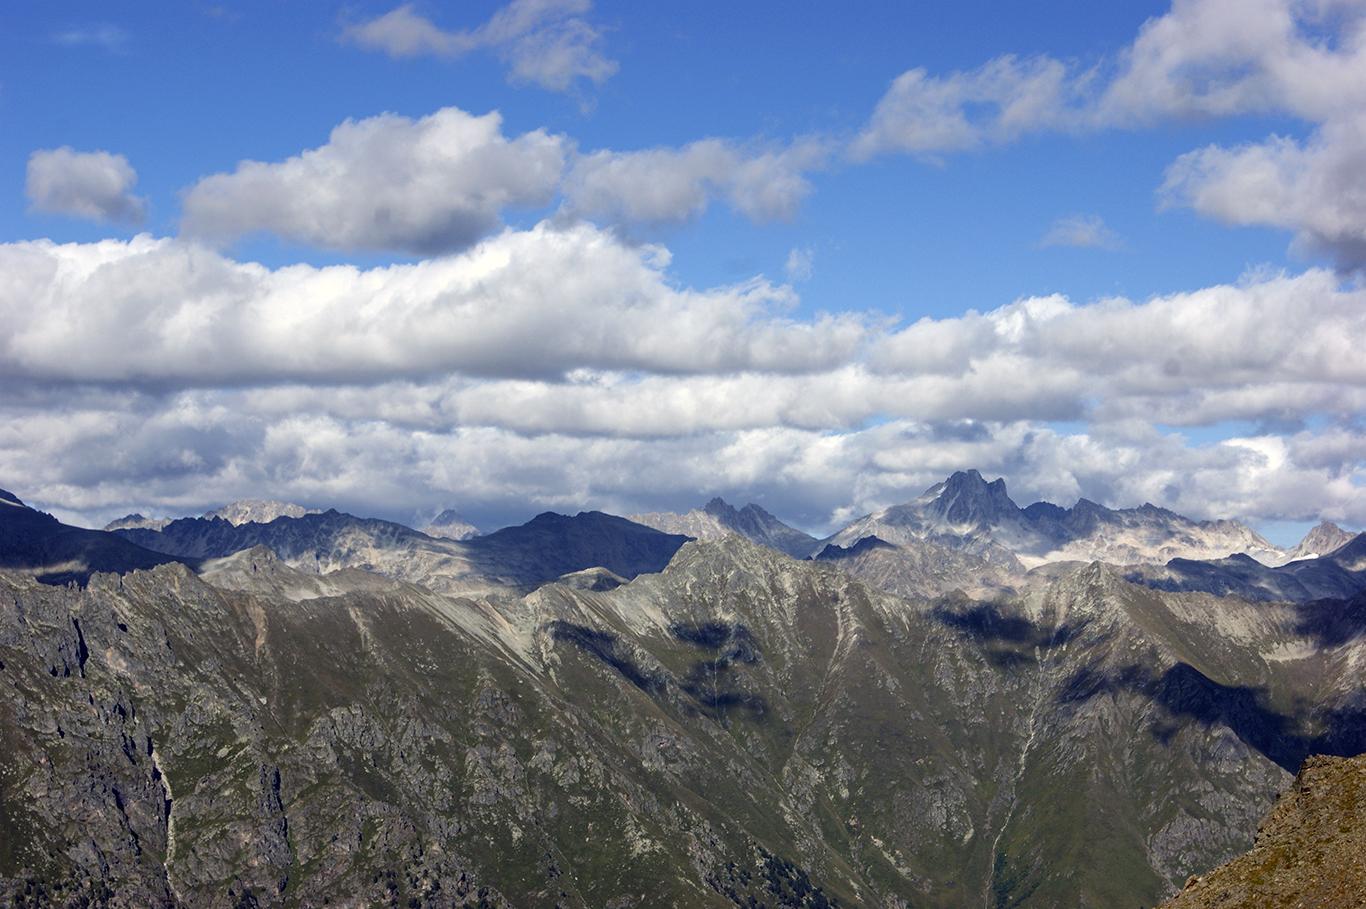 Этот потрясающий по красоте вид как раз и открывается с вершины горы. Где-то в той стороне Эльбрус.